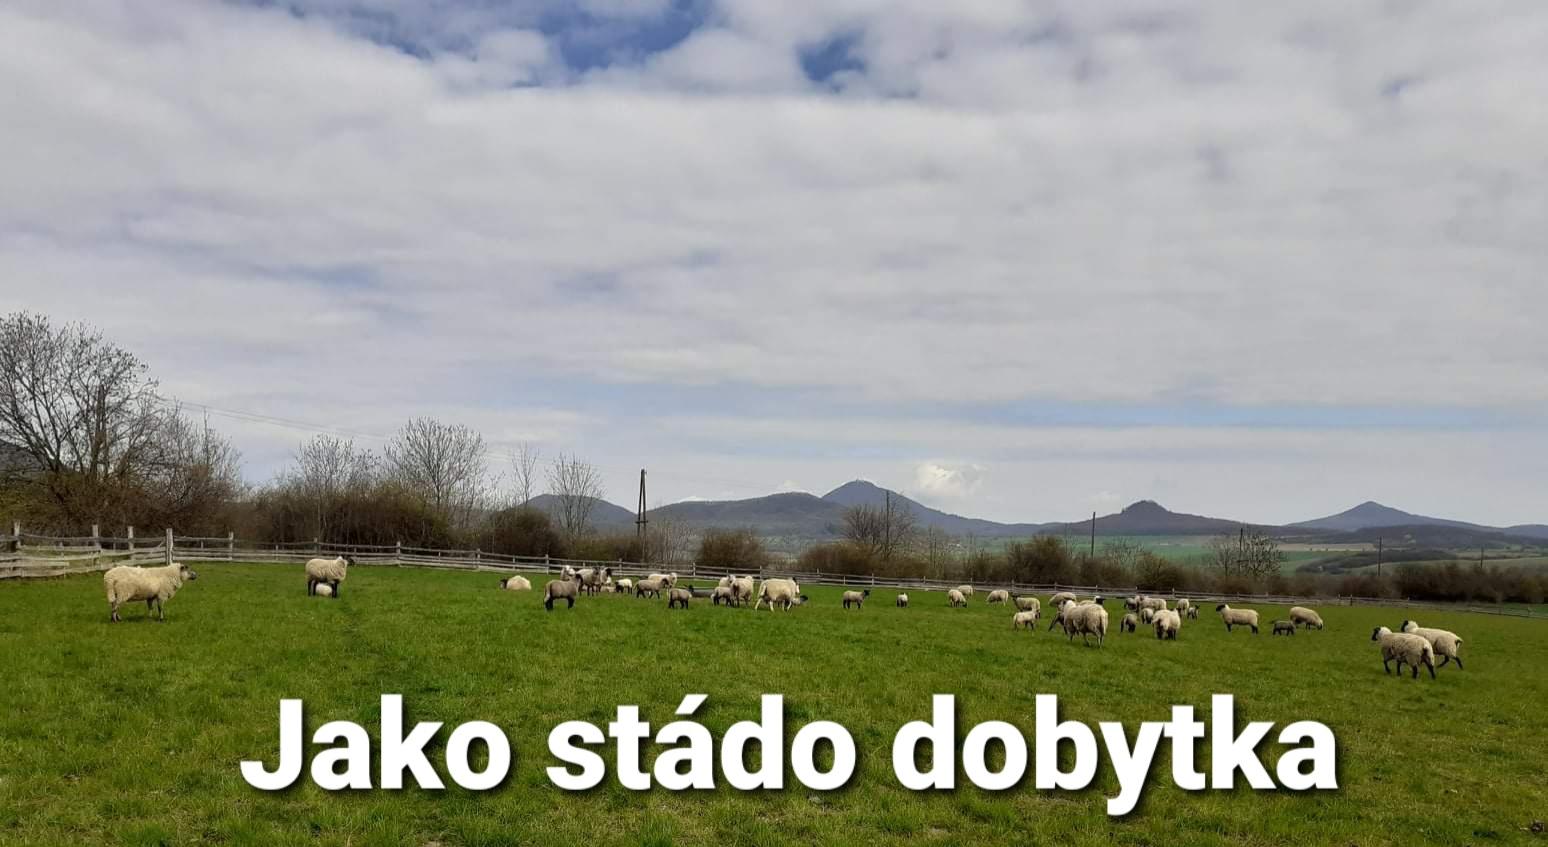 Kázání: 41. Jako stádo dobytka